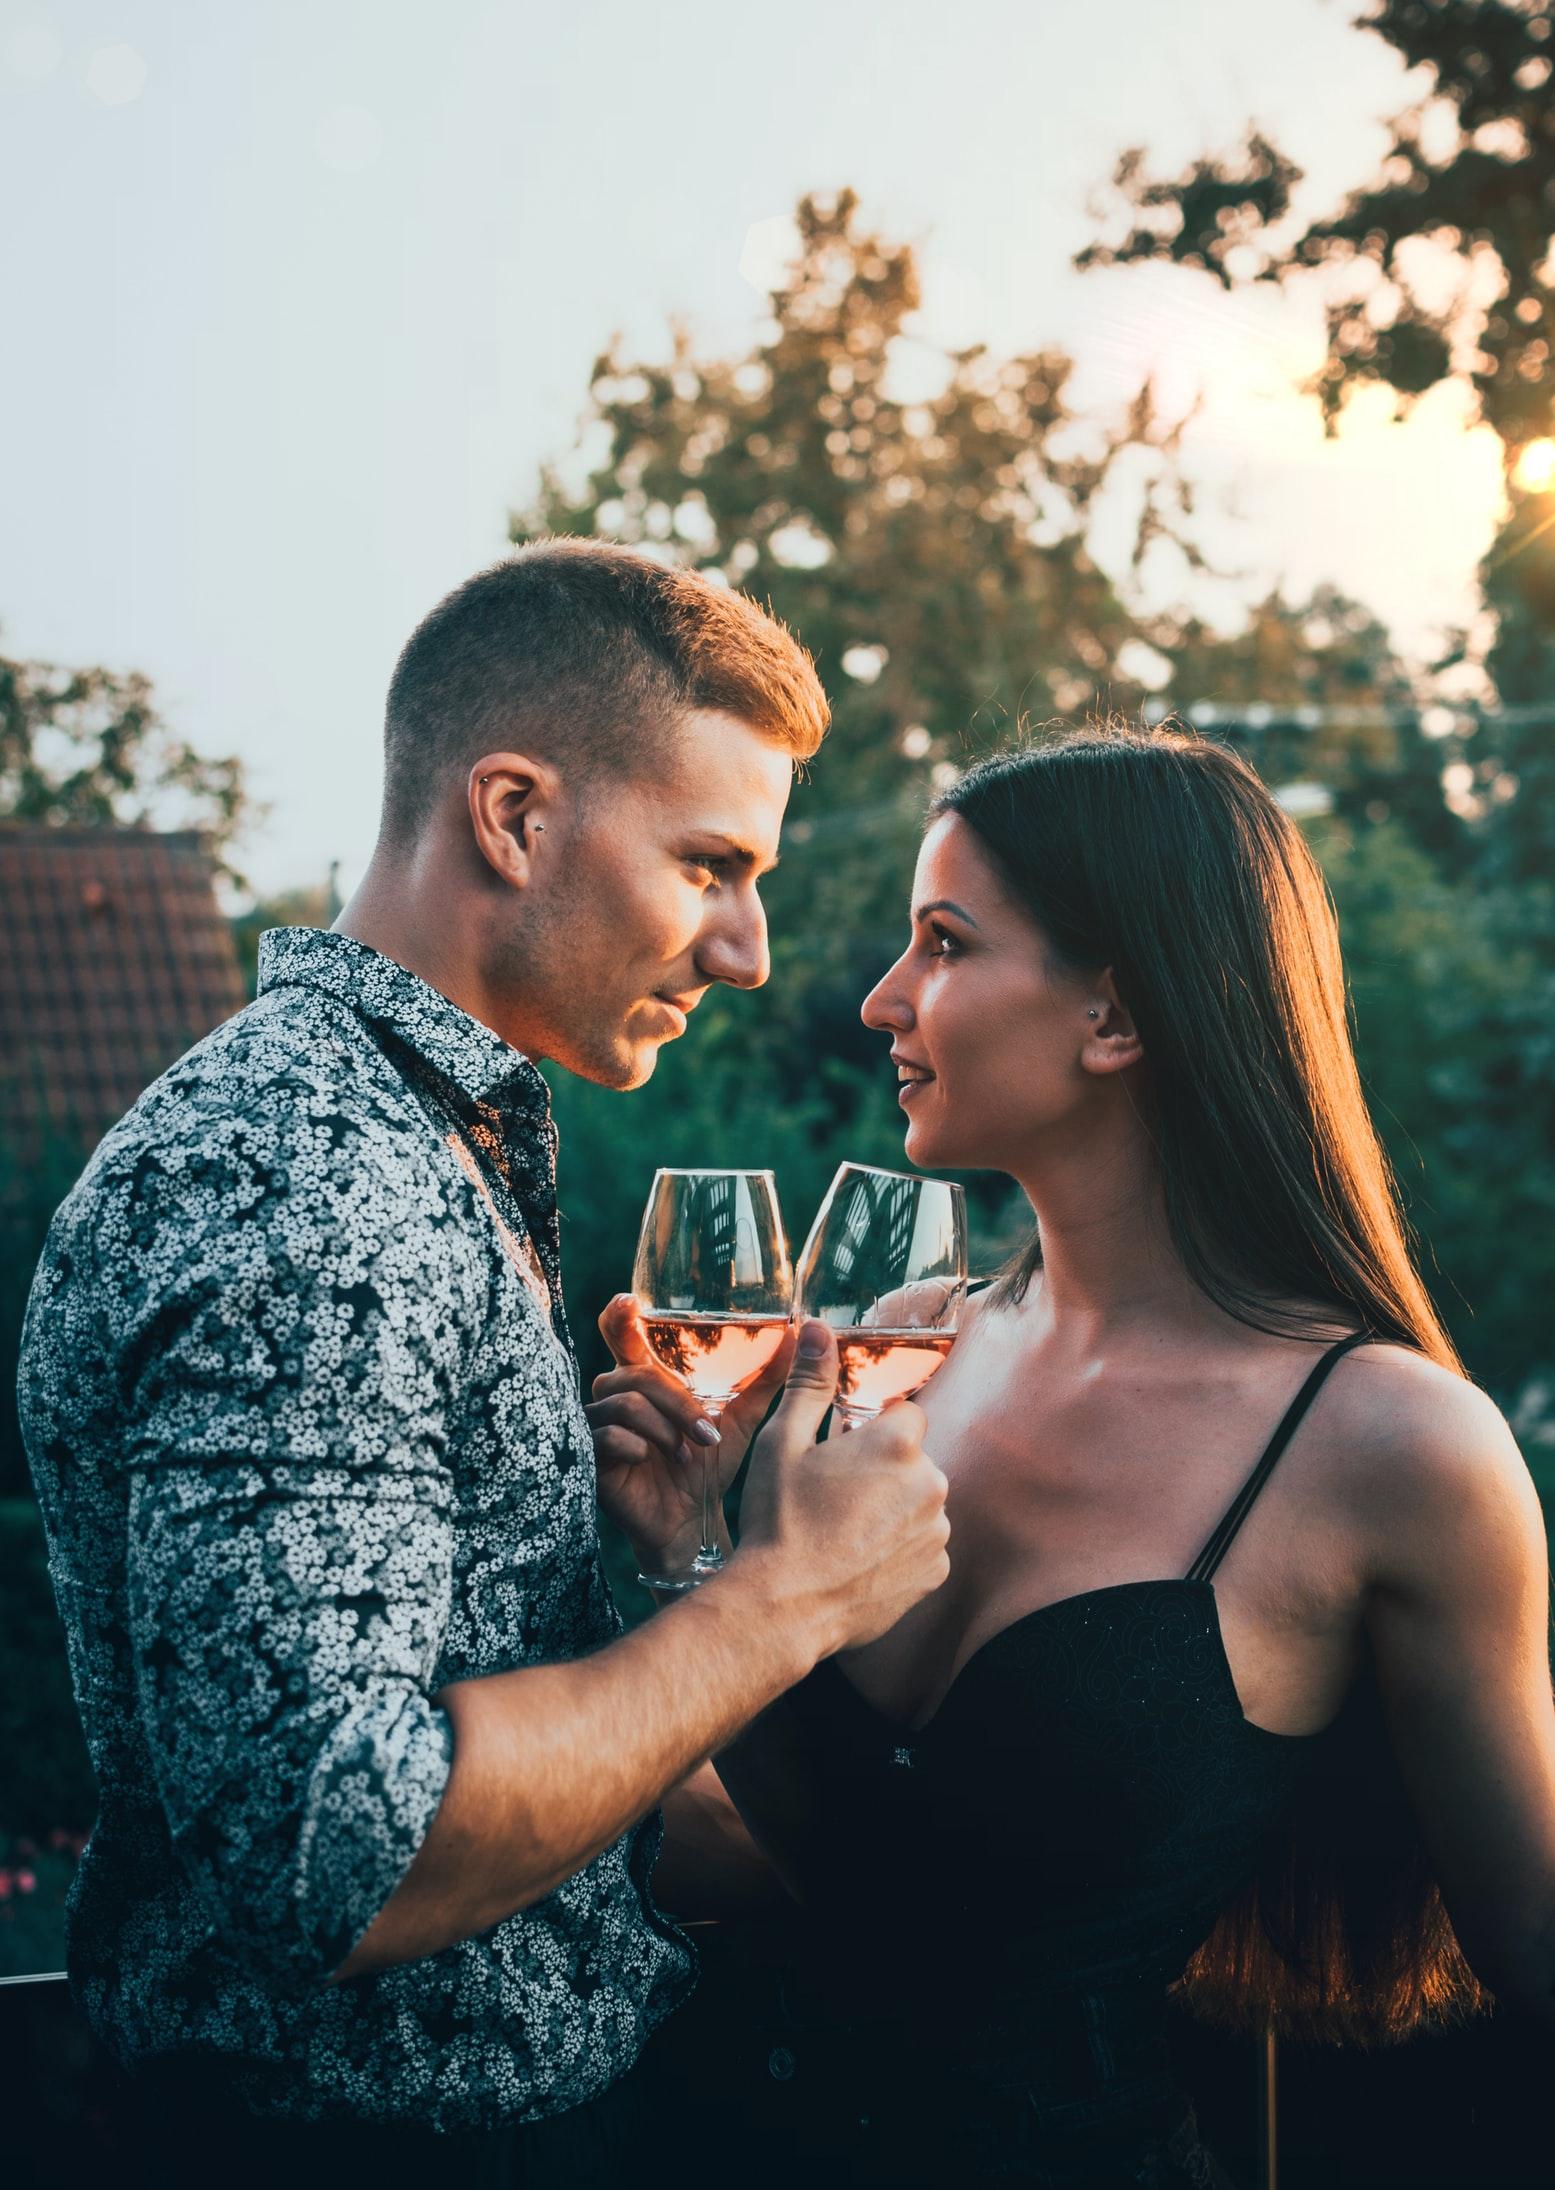 tính cách đàn ông sư tử khi yêu - chàng trai và cô gái cầm ly rượu nhìn vào mắt nhau